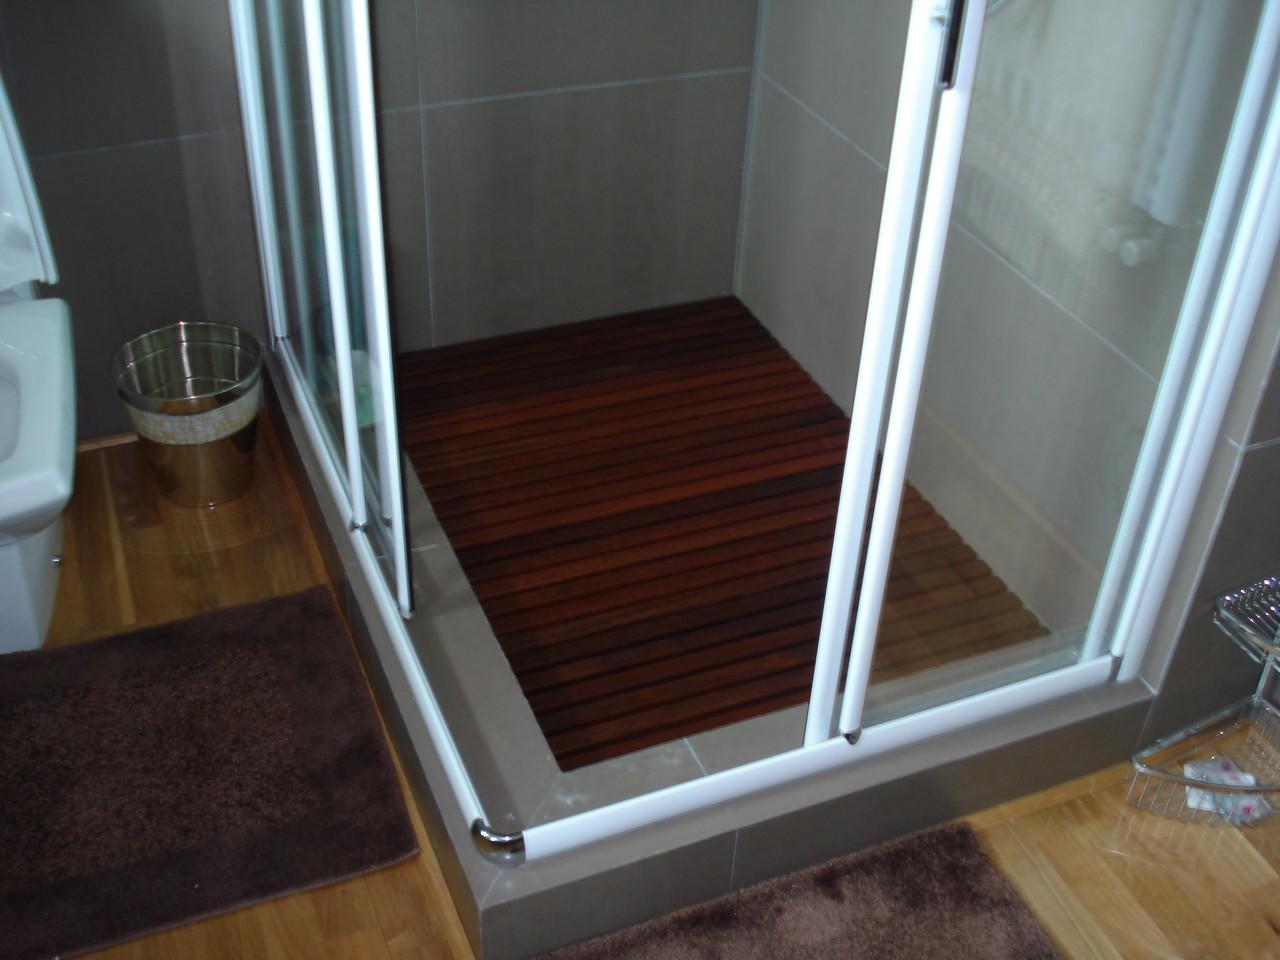 Deck De Madeira Chuveiro Box Banheiro Capacho 88x88 cm Com Pintura NeonX